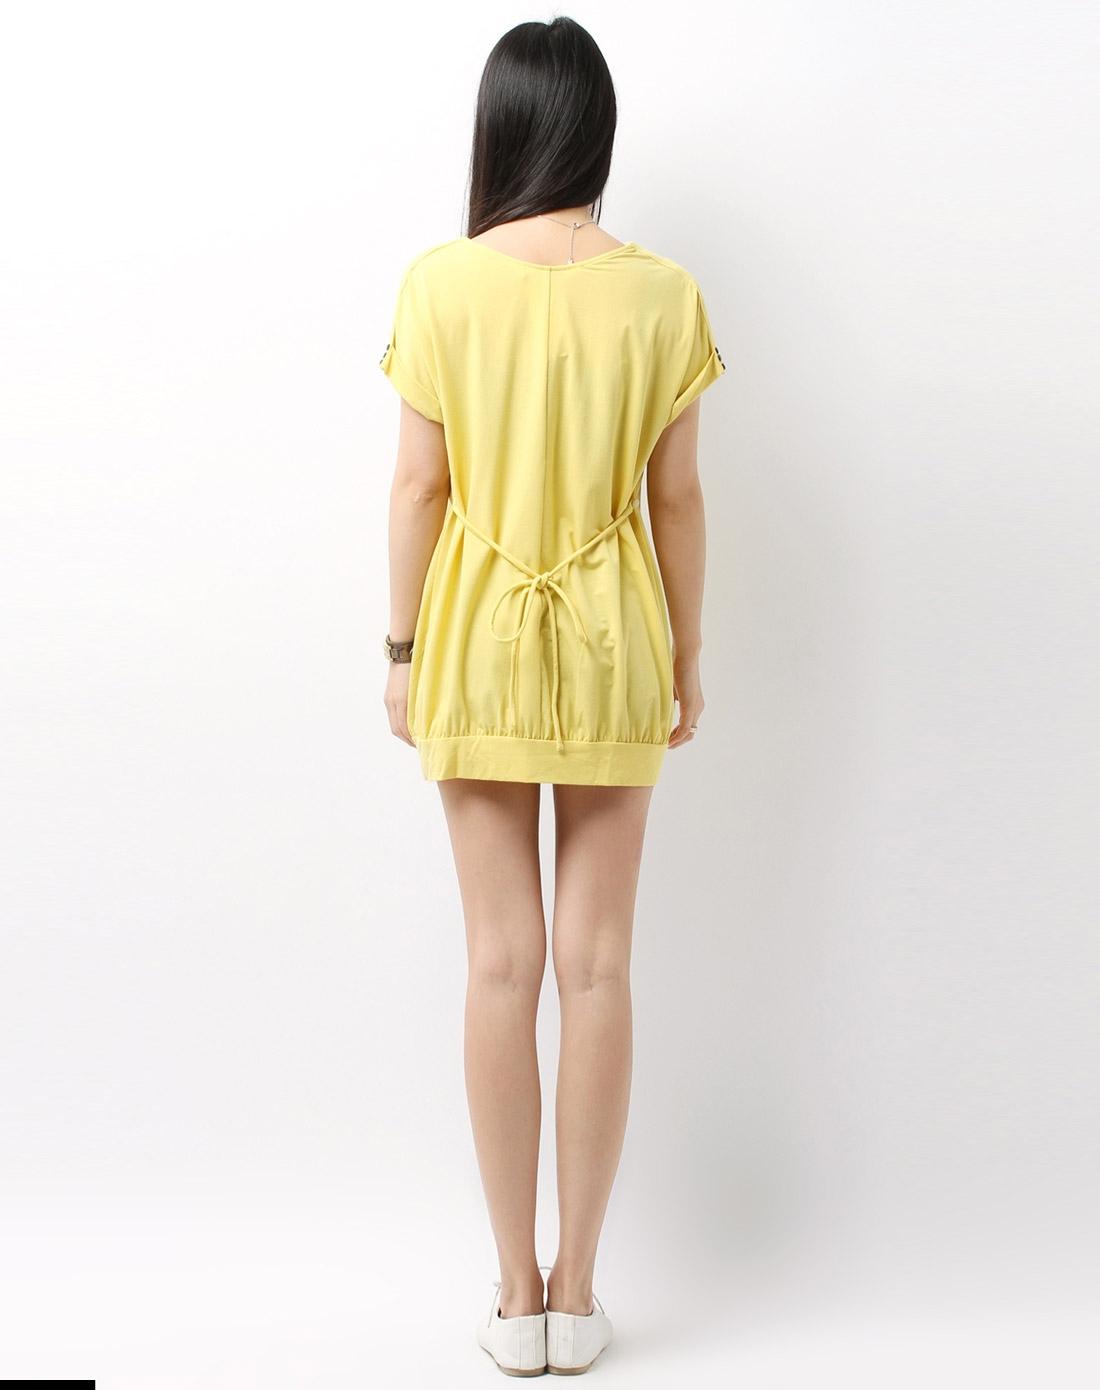 黄色小�9.lzf�9��h�9�$9.��l#��@_奇妮&肯勒芳孕妇装女款黄色上衣h31362_唯品会